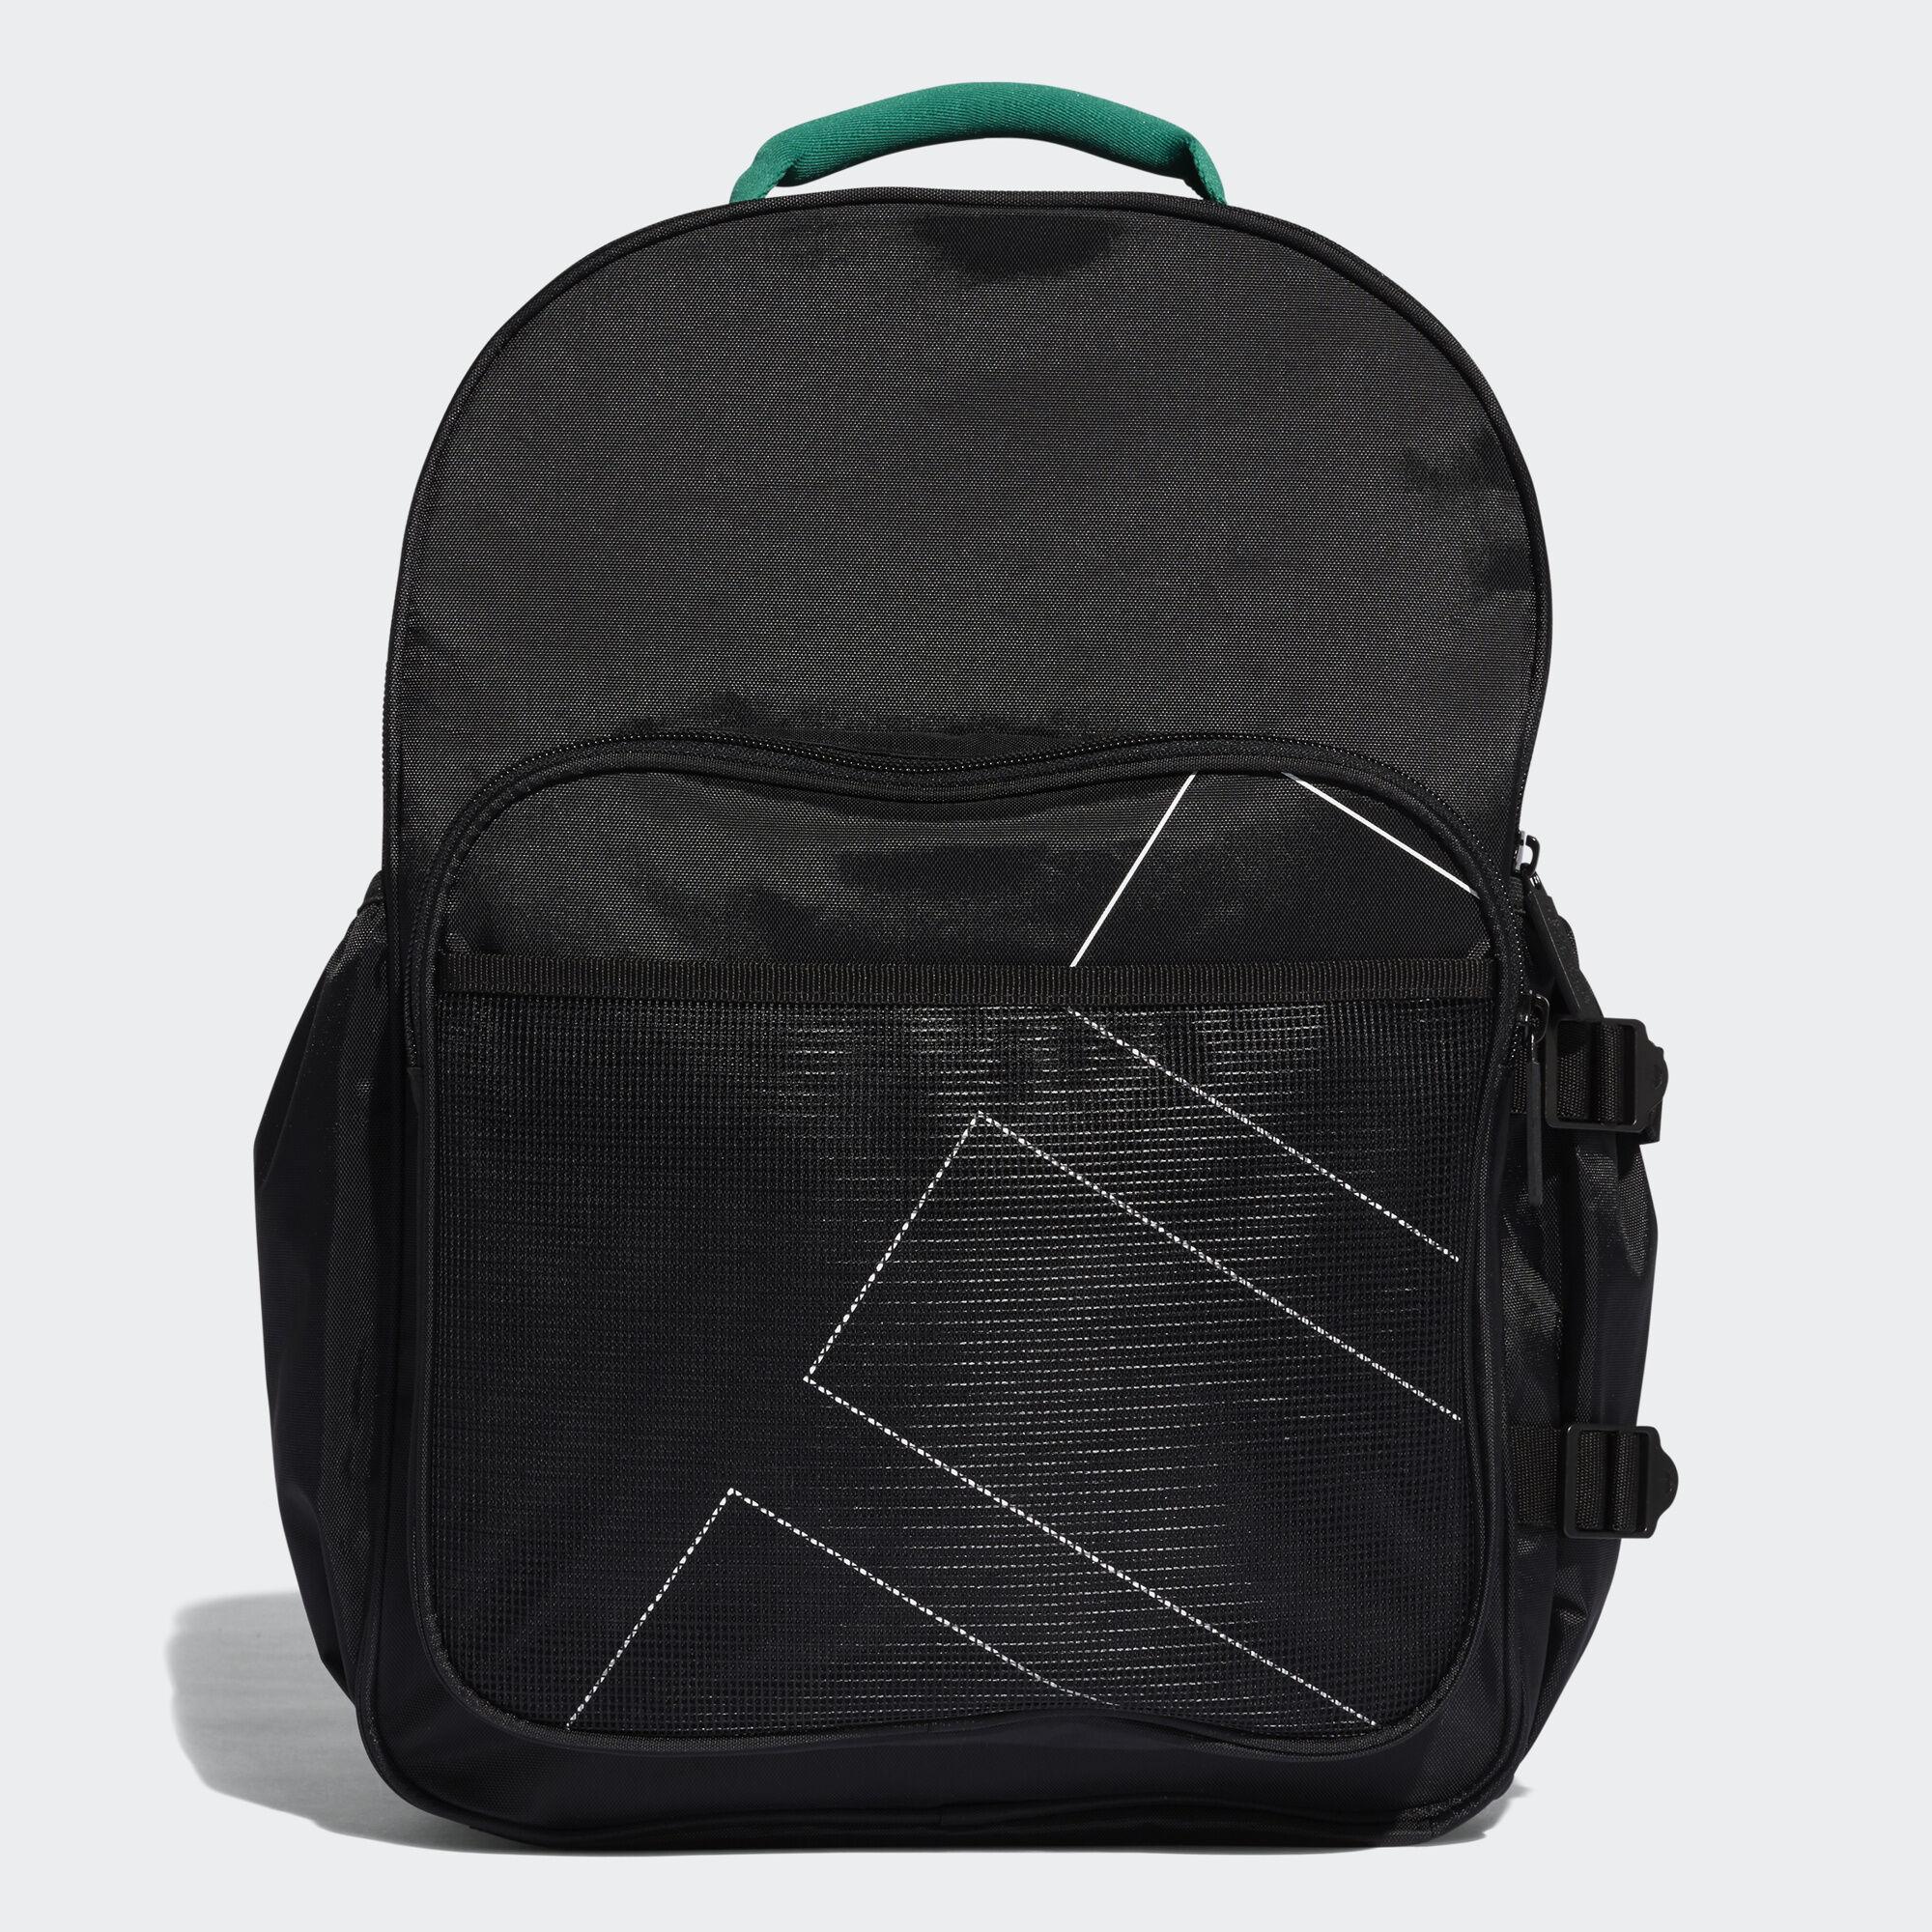 adidas - EQT Classic Backpack Black DH3027. Originals 8f3f3256634a9